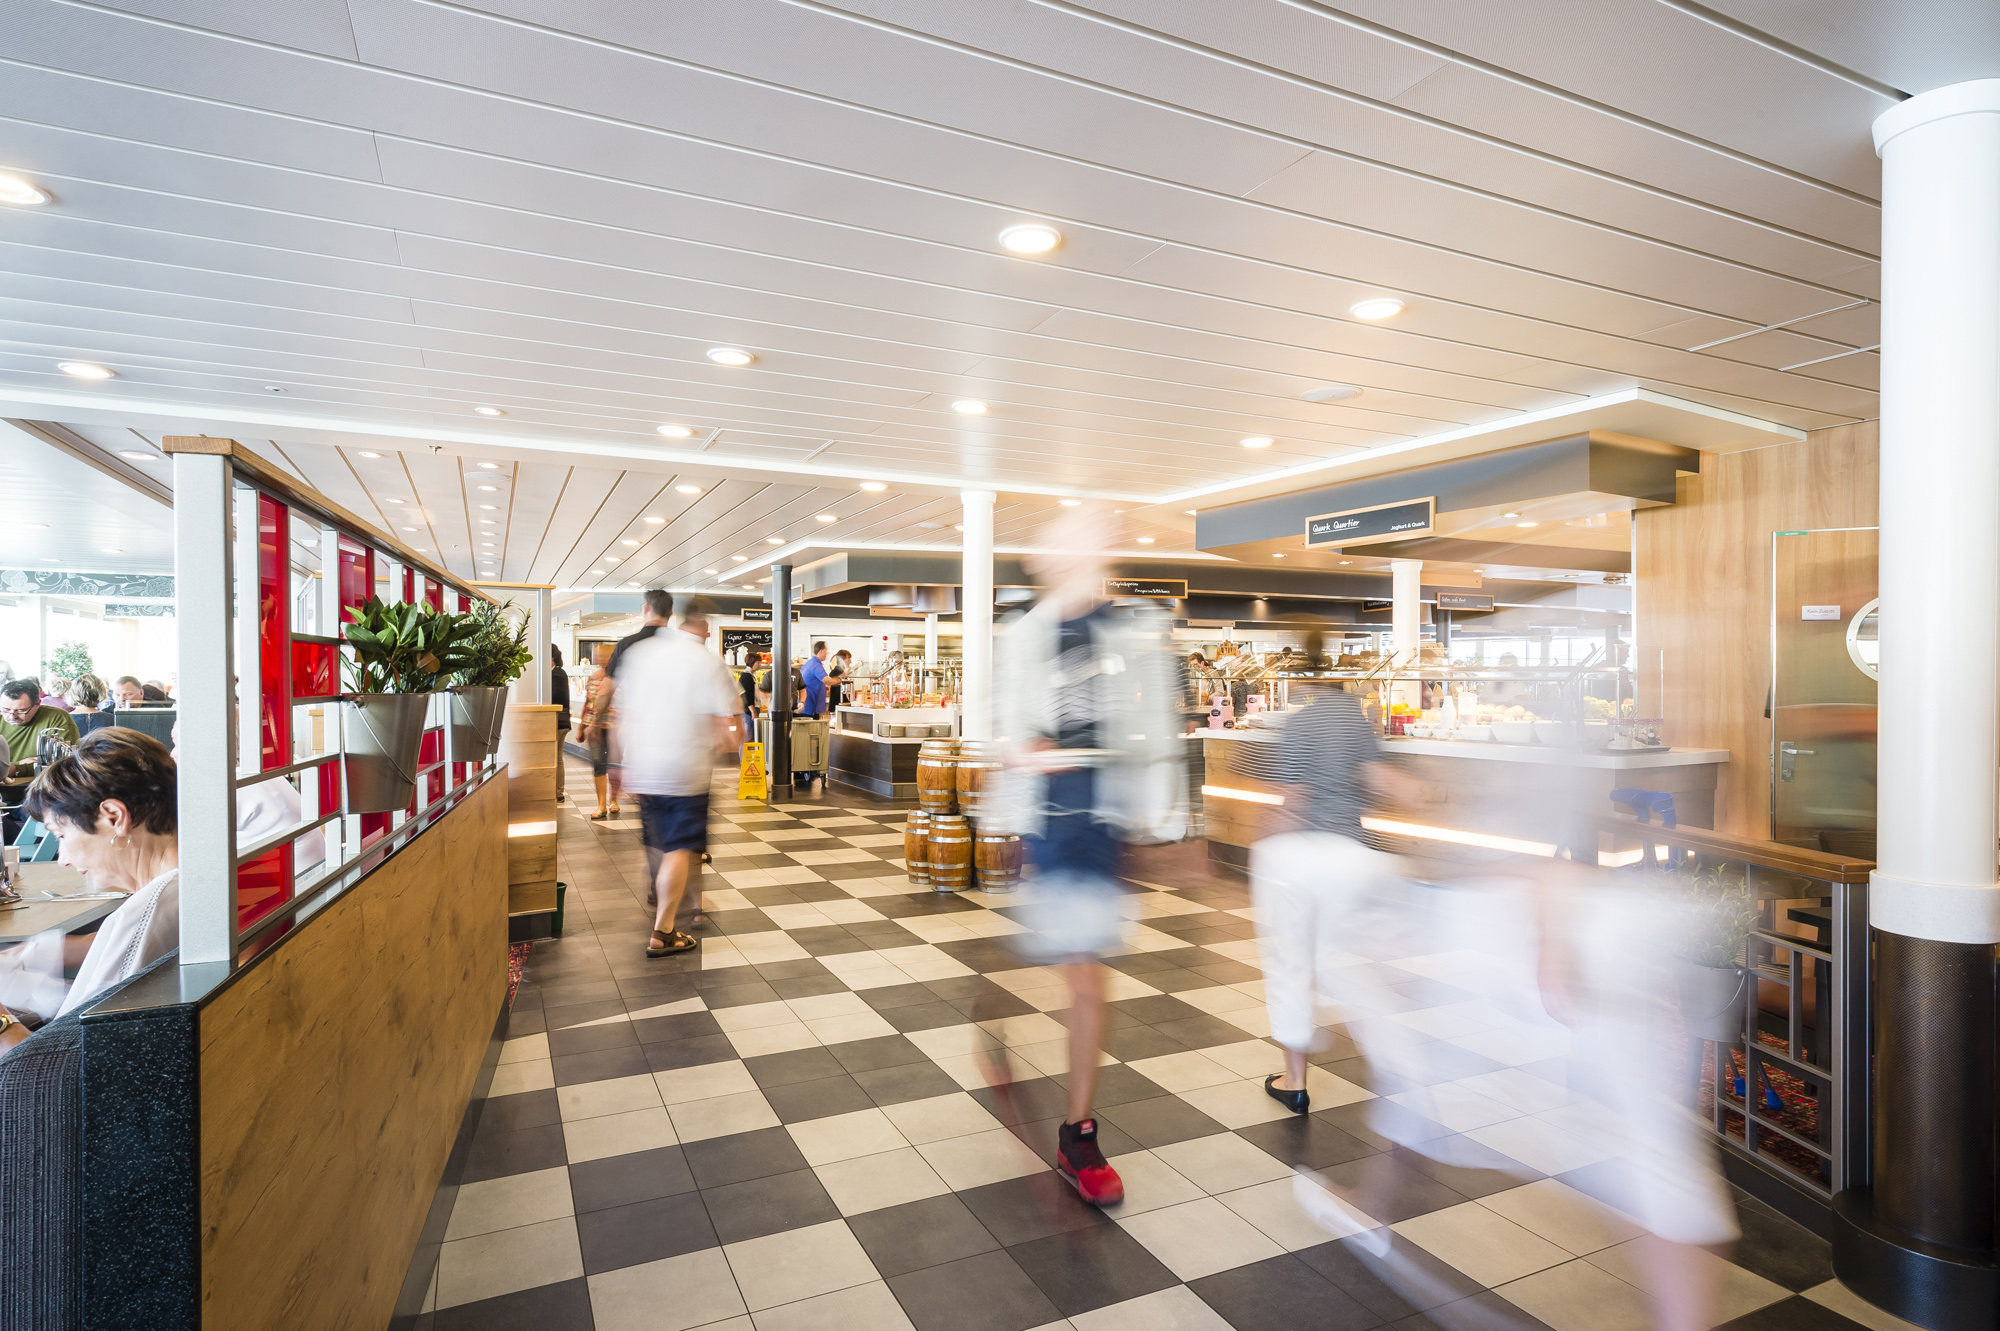 Das Buffetrestaurant Anckelmannsplatz auf der Mein Schiff 5